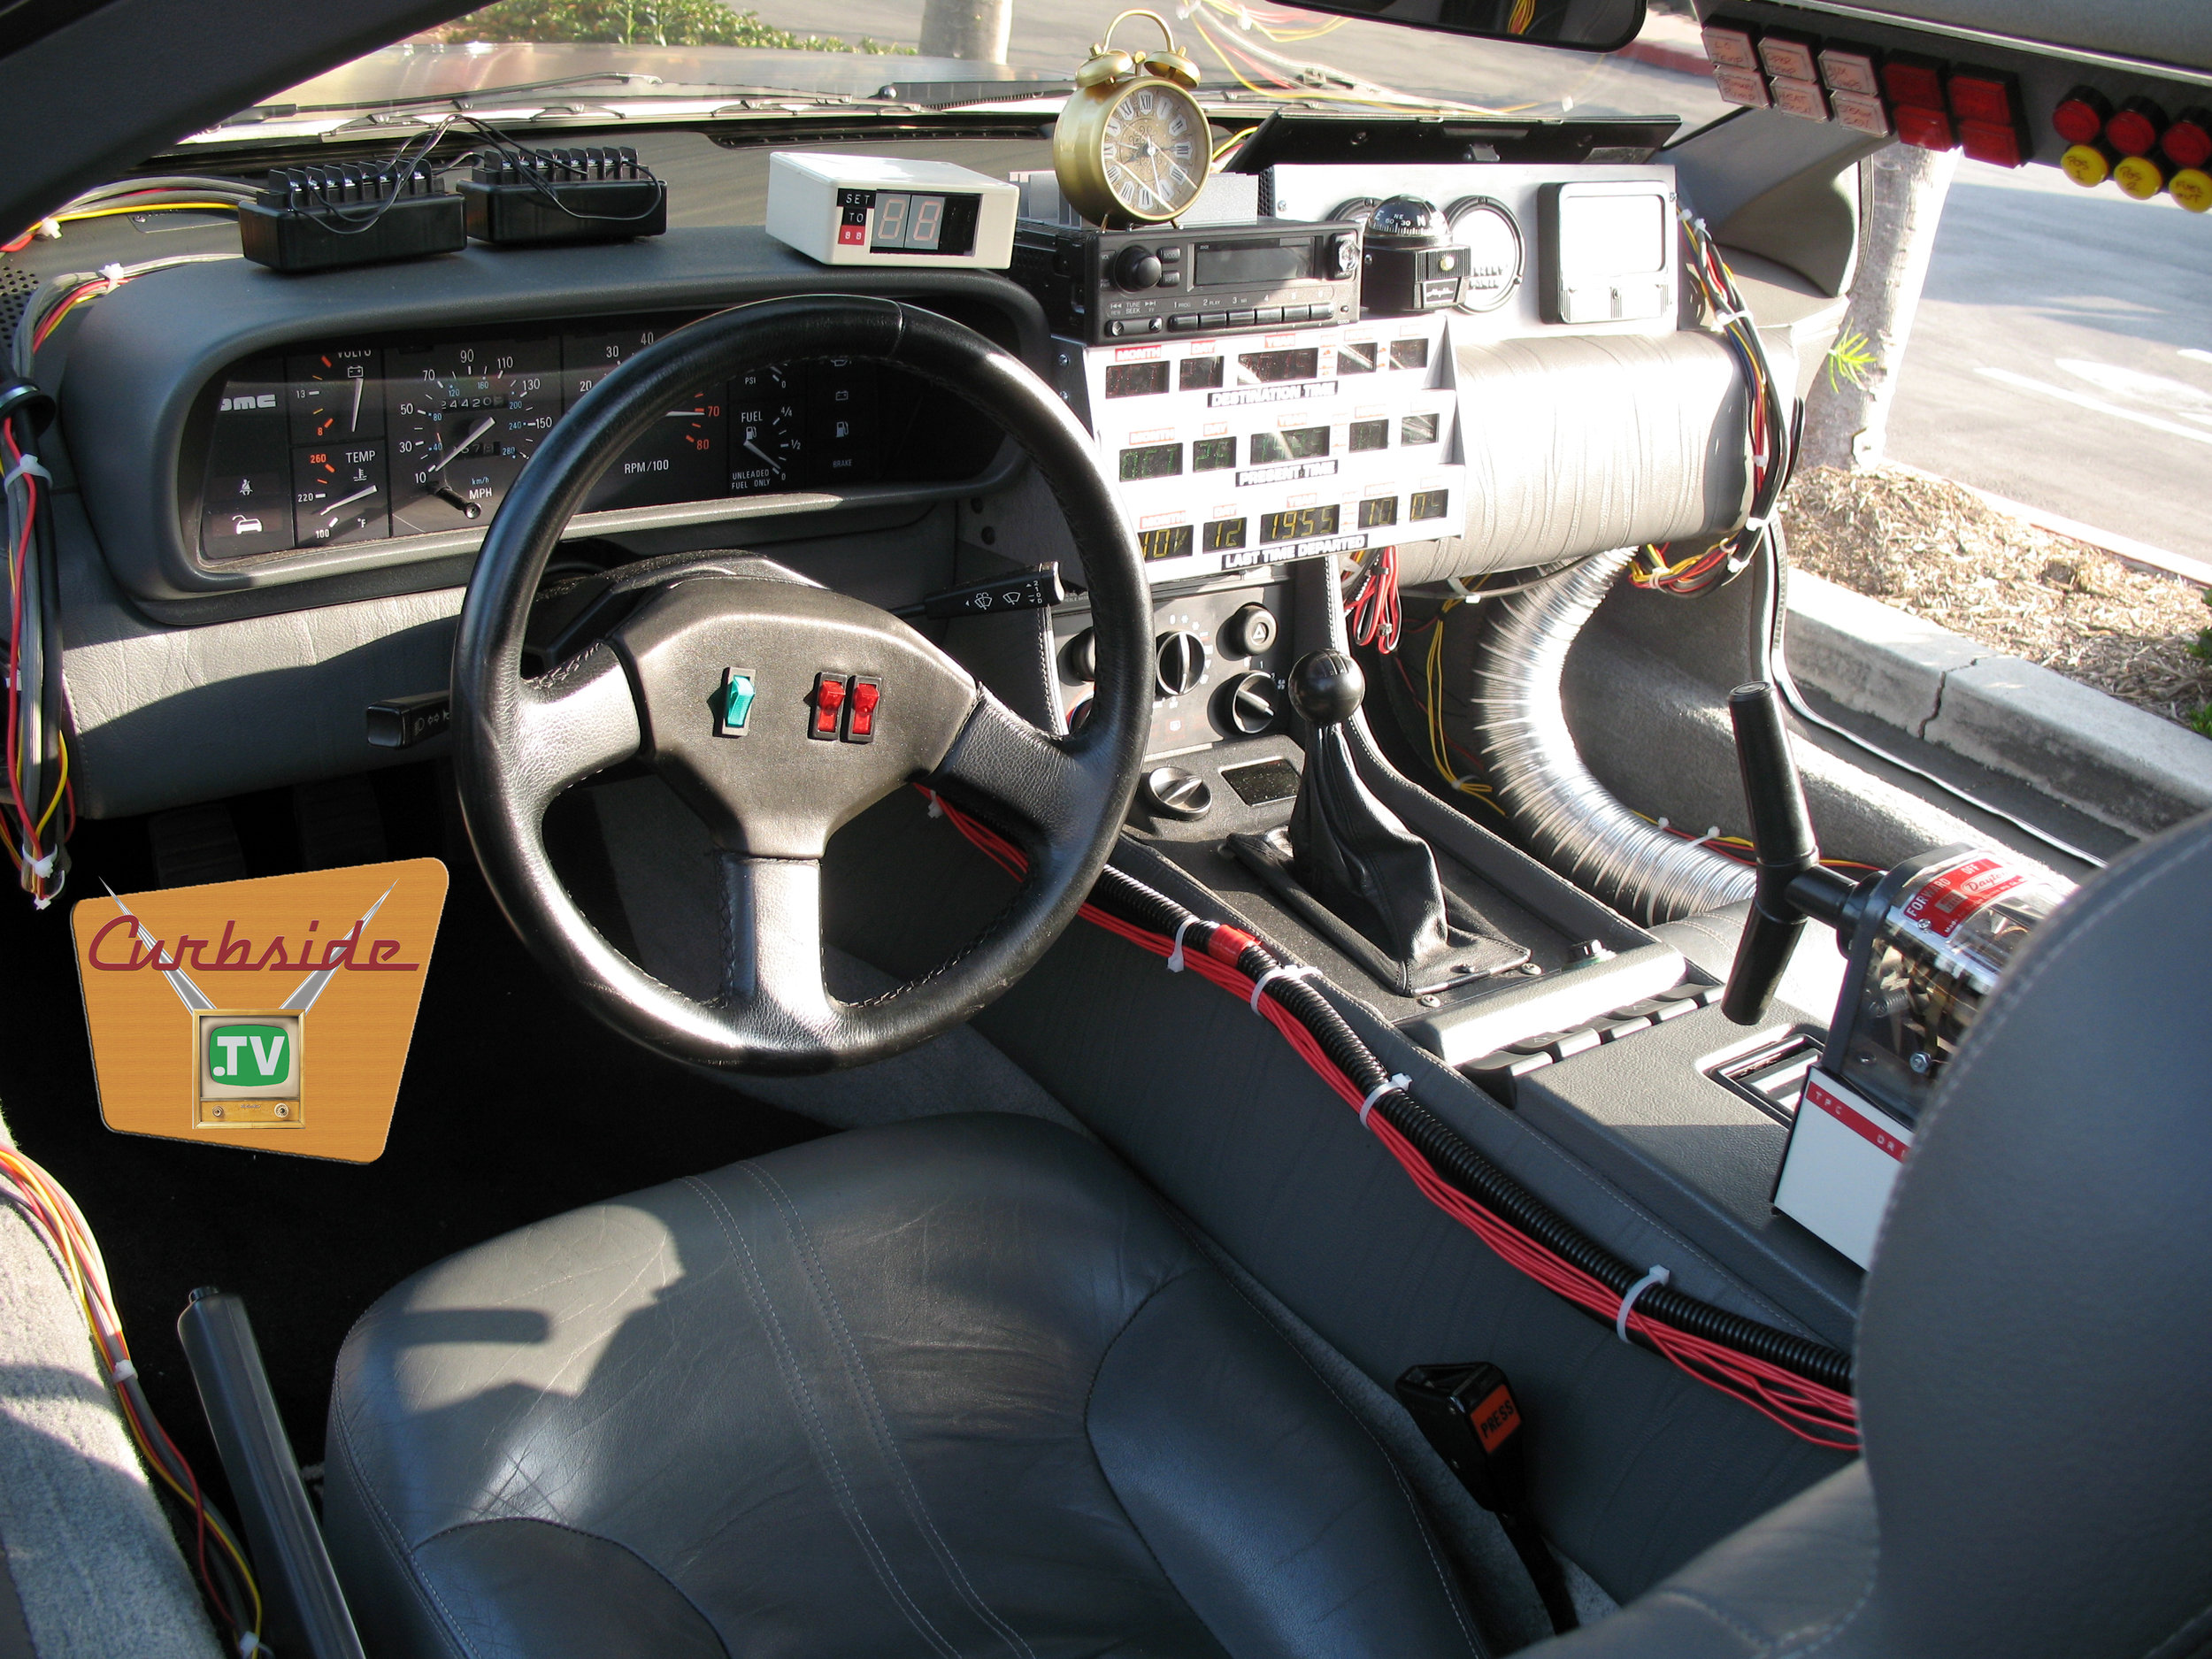 DeLorean DMC-12 time machine